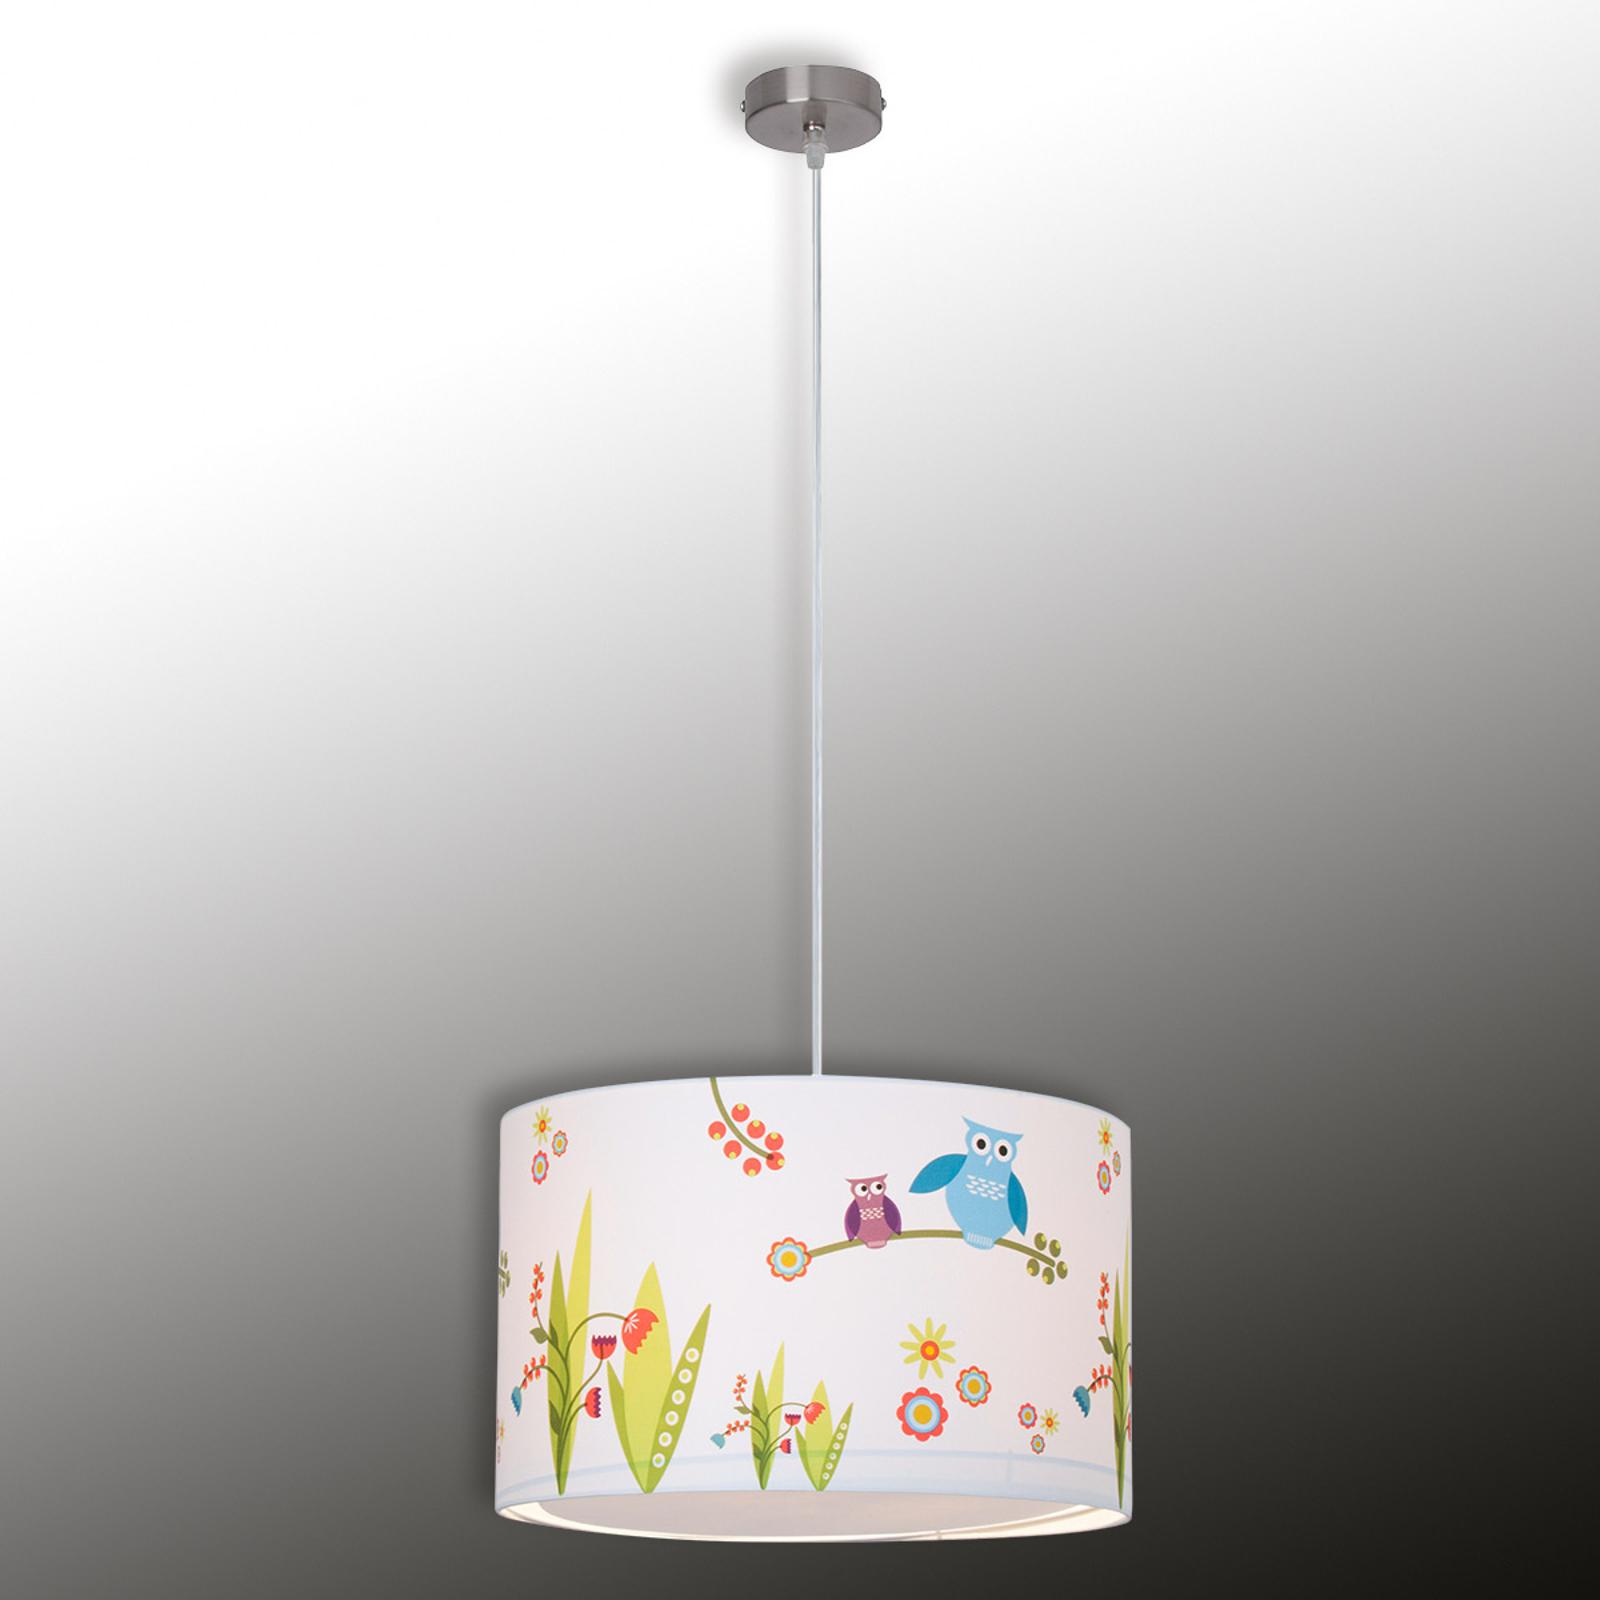 Lampada a sospensione per camere di bambini Birds